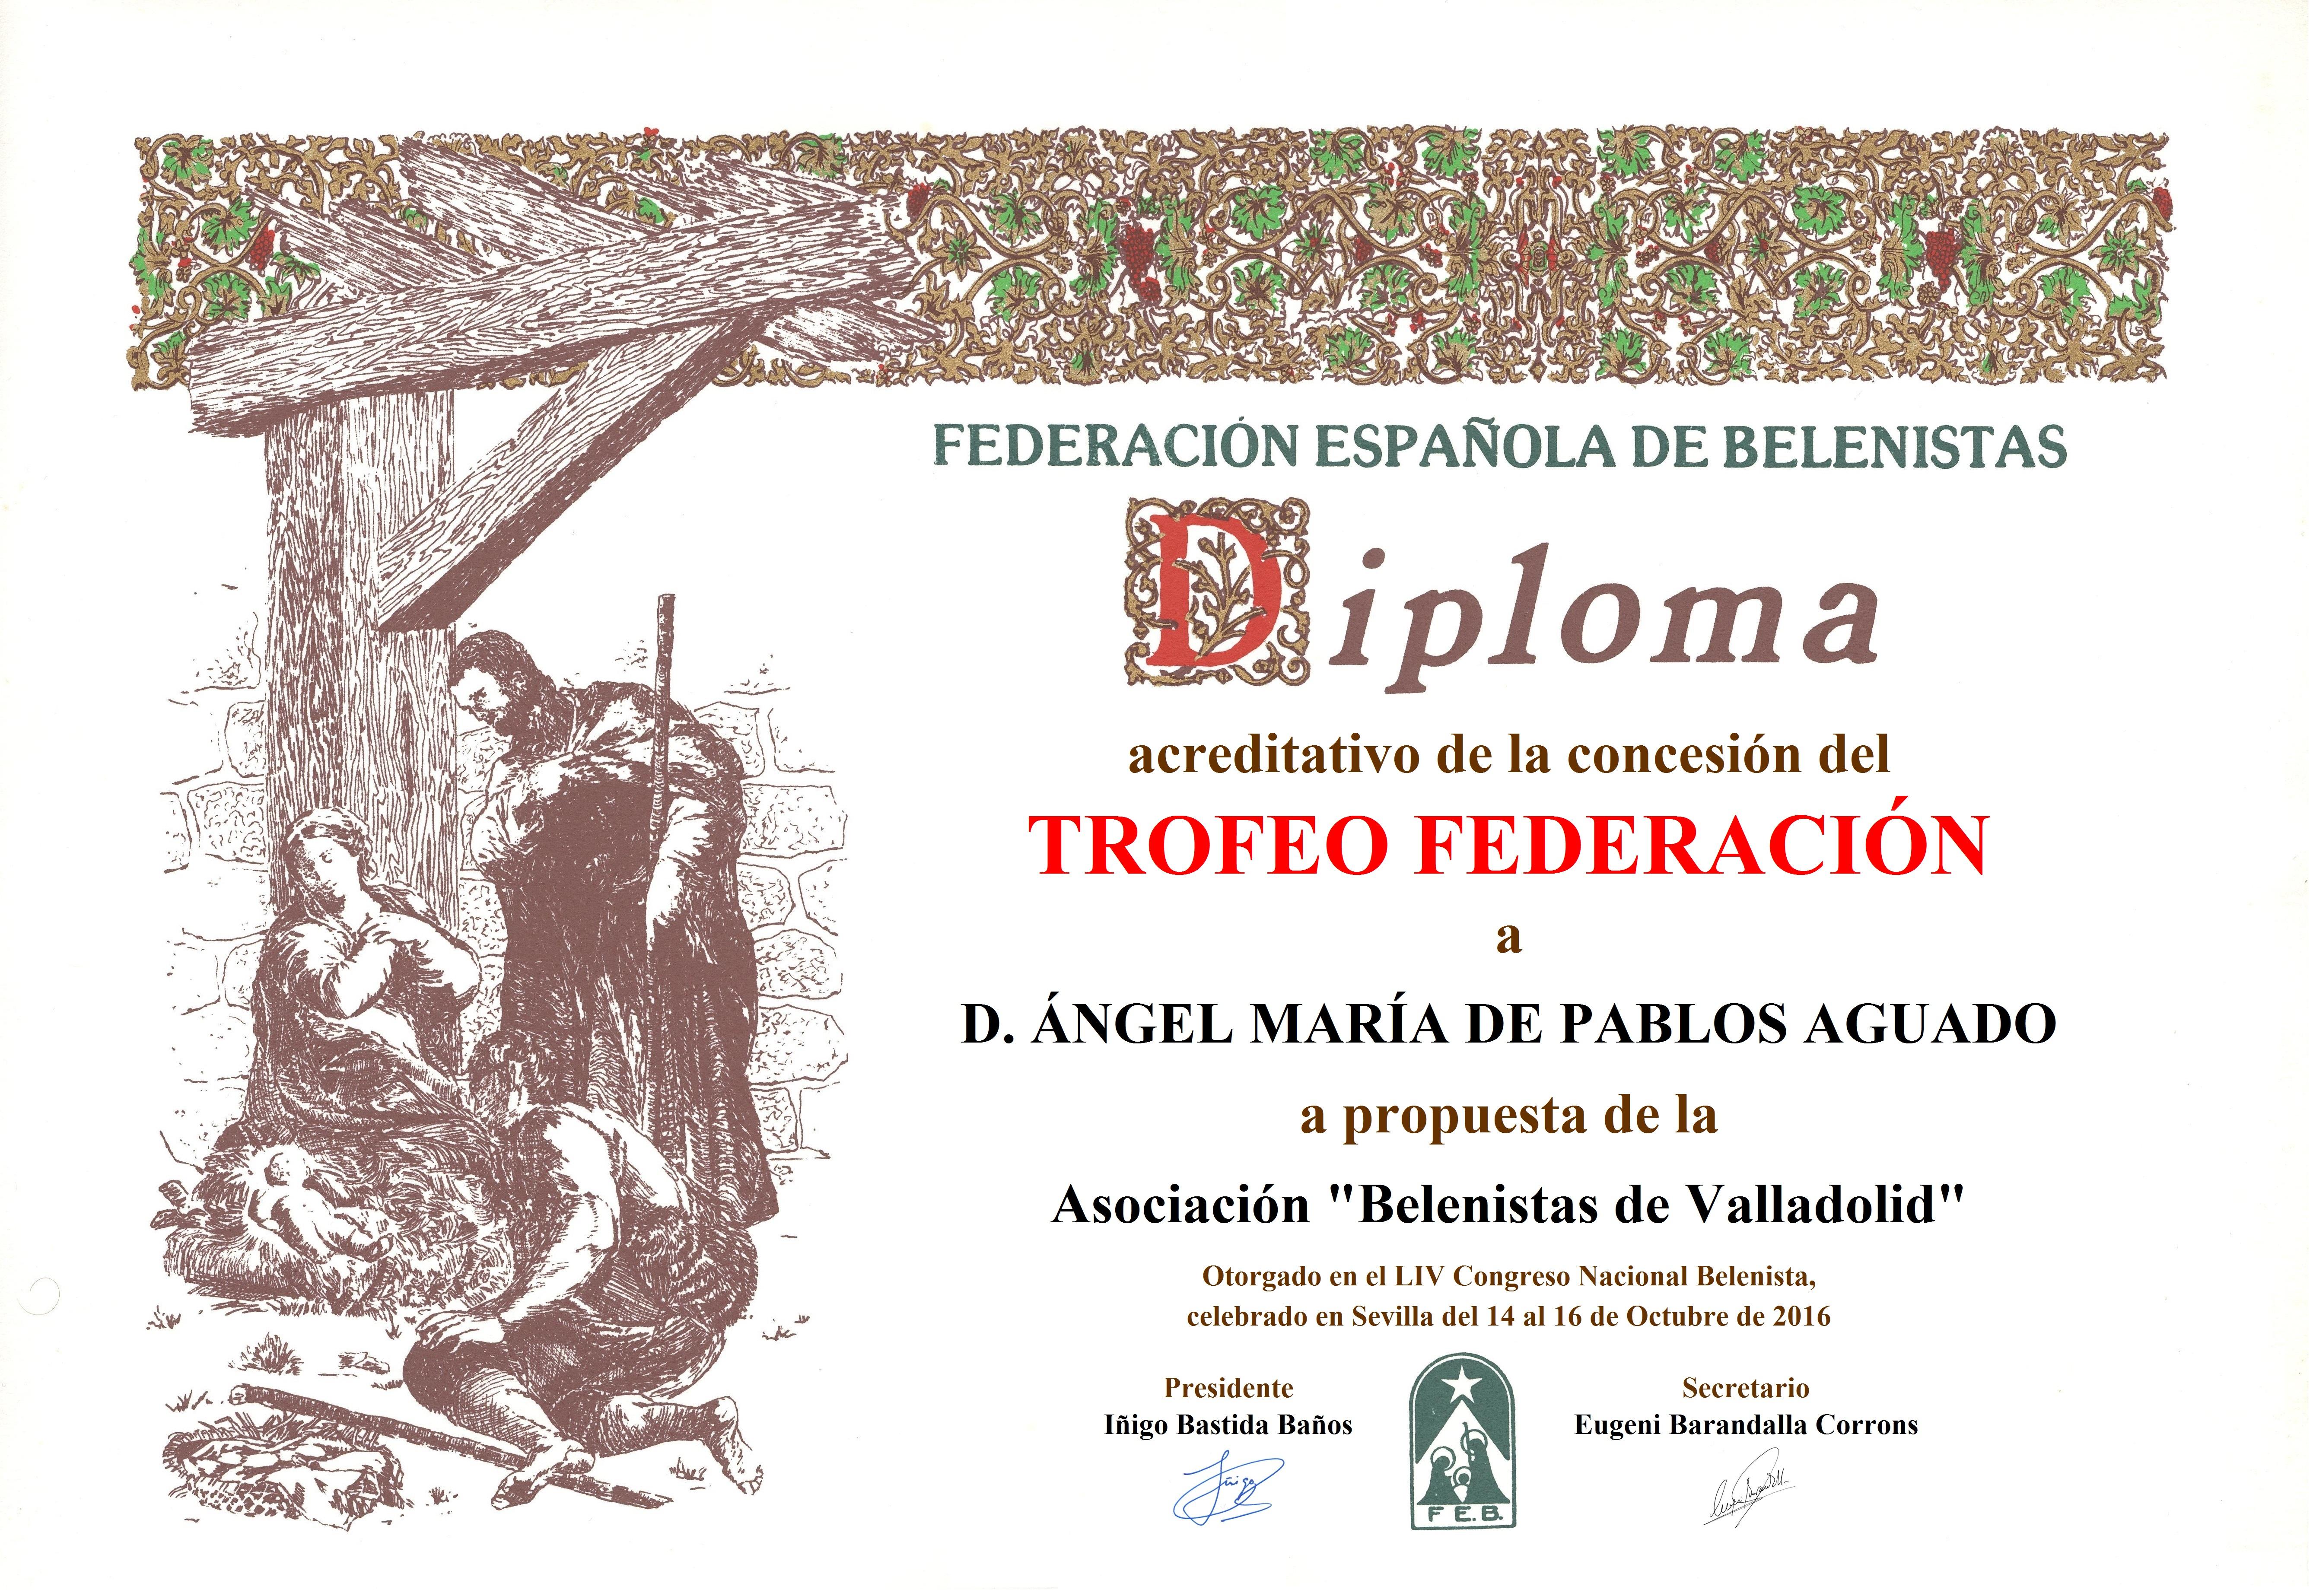 Ángel María de Pablos Aguado - Diploma Trofeo FEB 2016